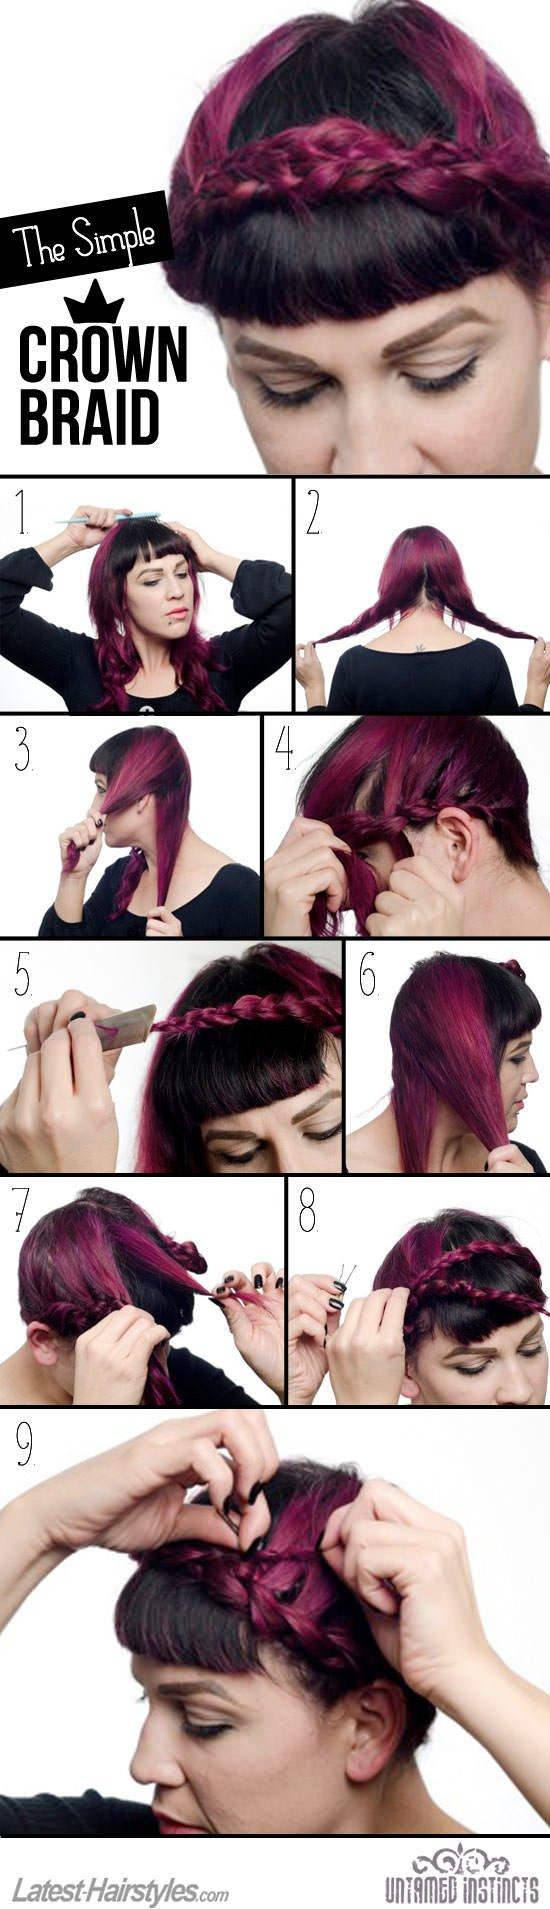 Crown braid hair tutorial